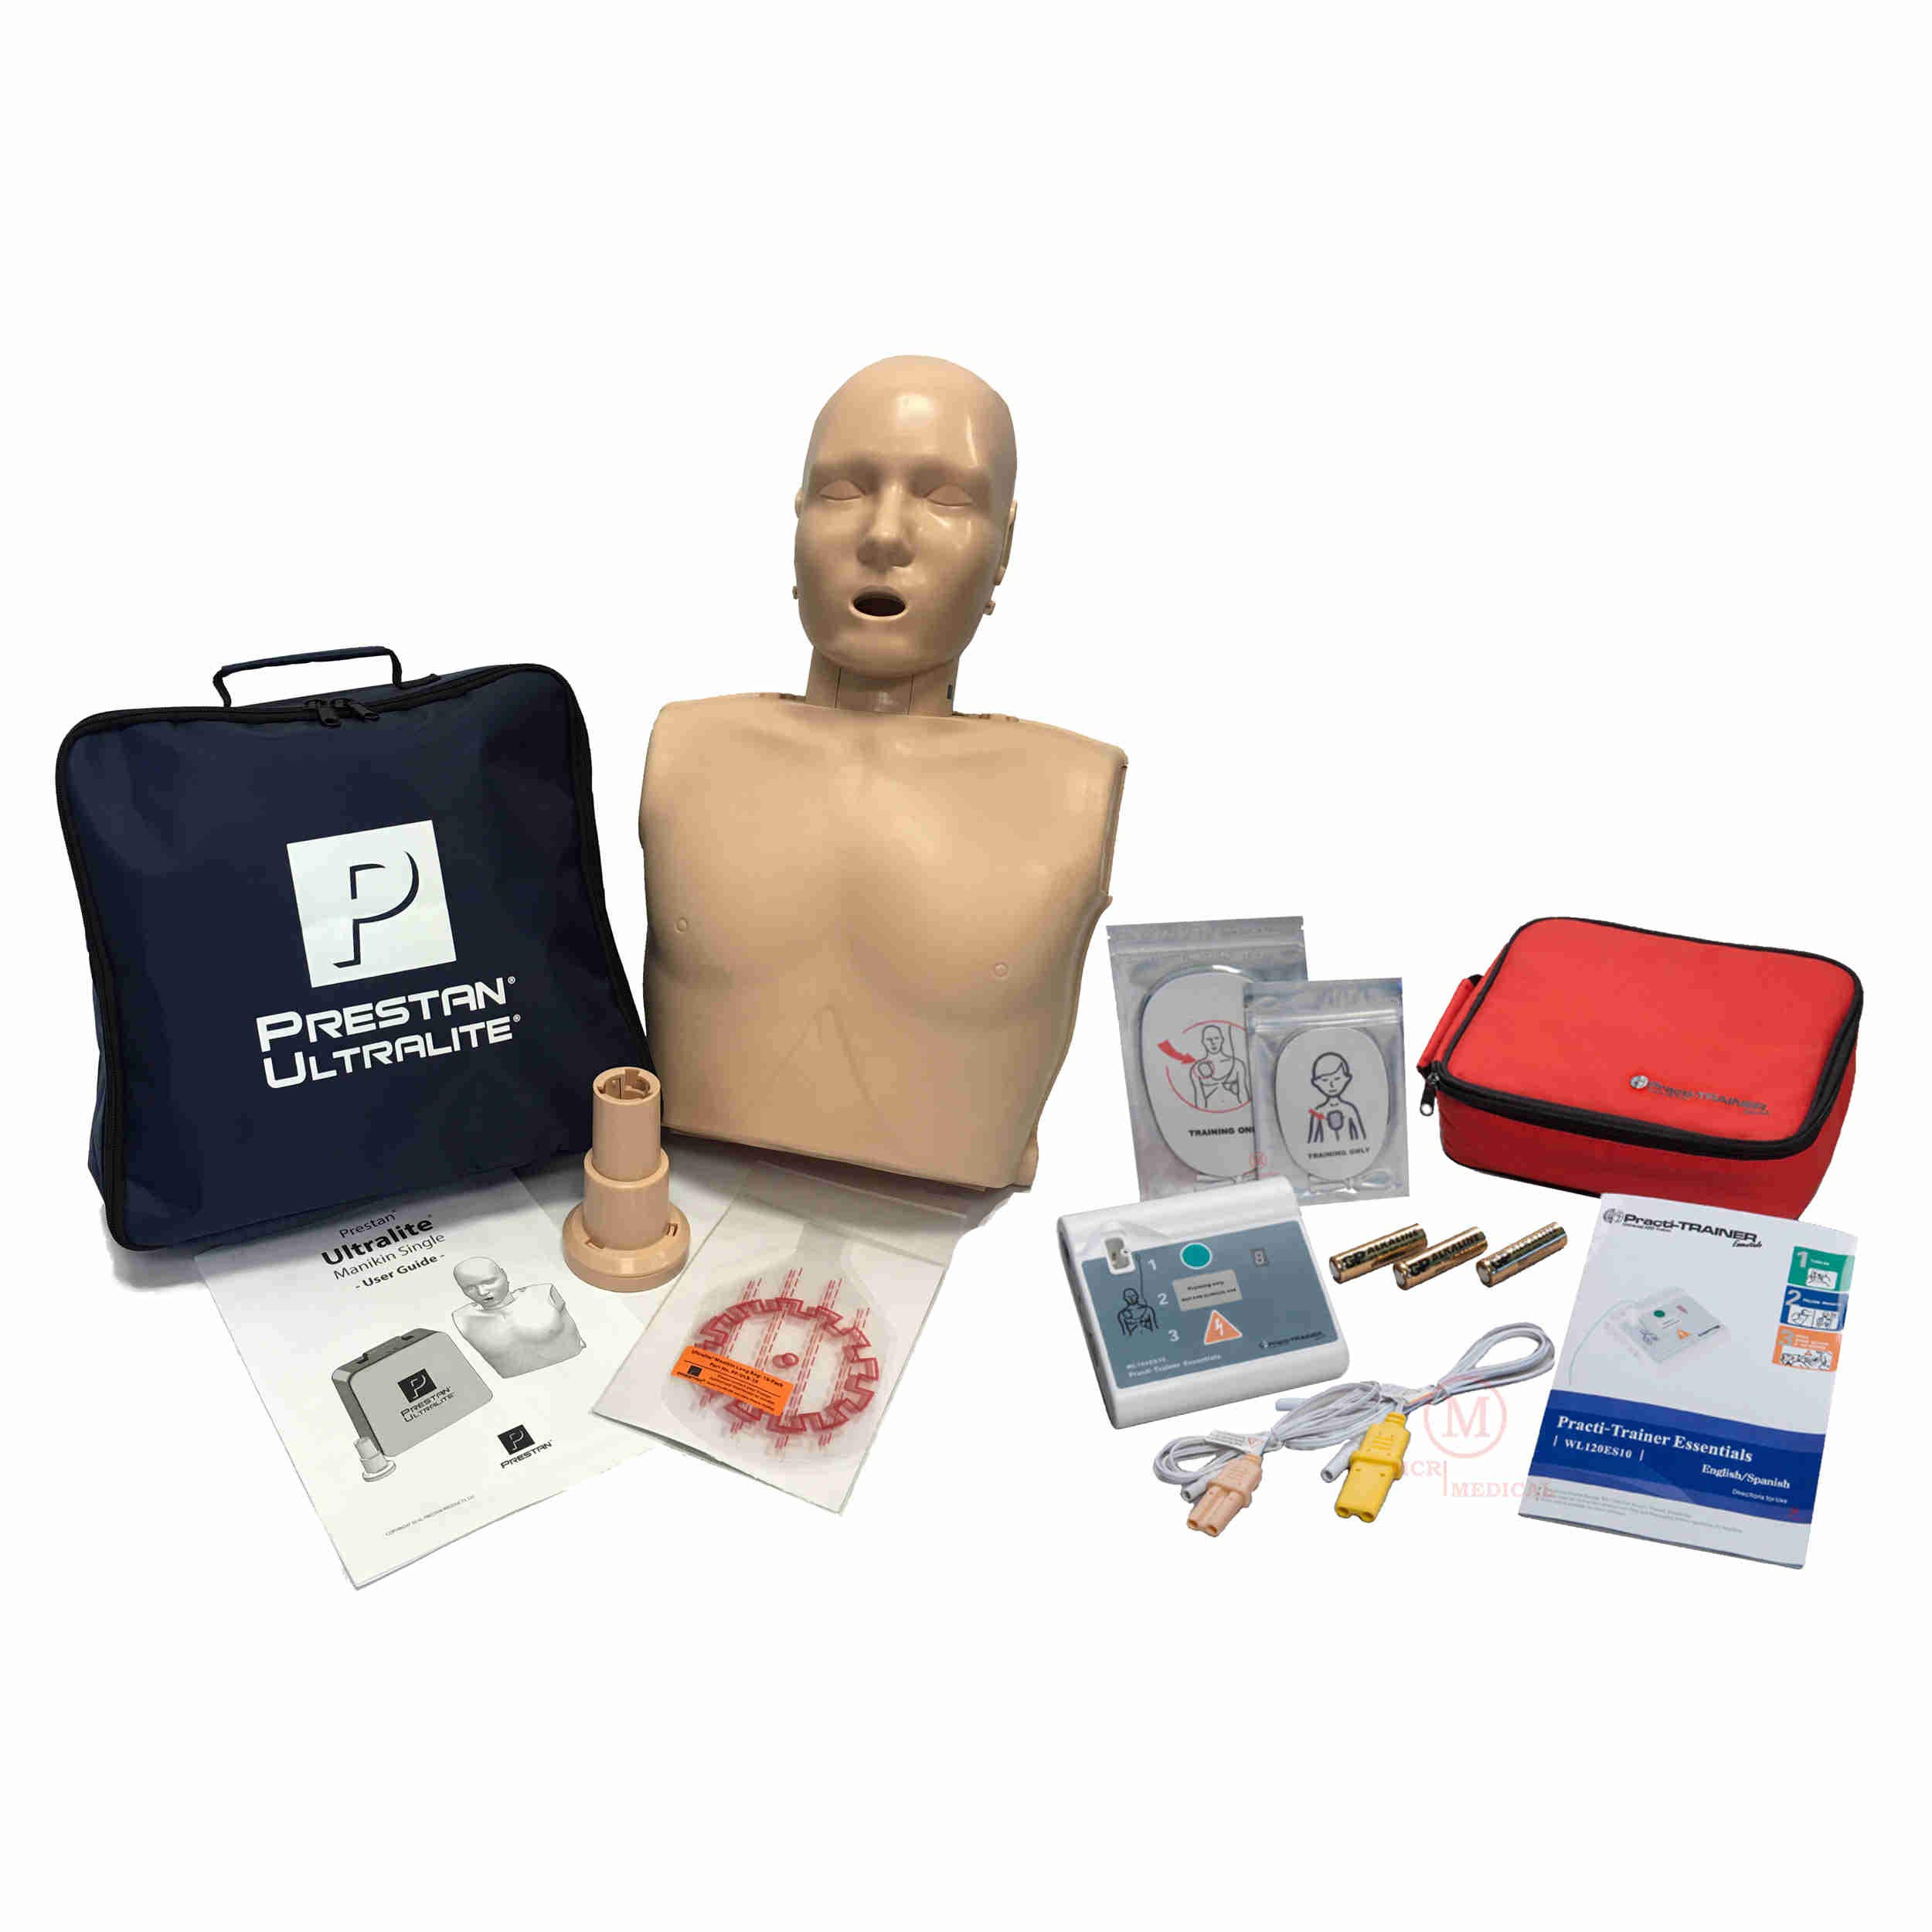 Basic CPR Training Kit w Prestan Ultralite CPR Manikin, WNL Essentials AED Trainer, MCR Accessories